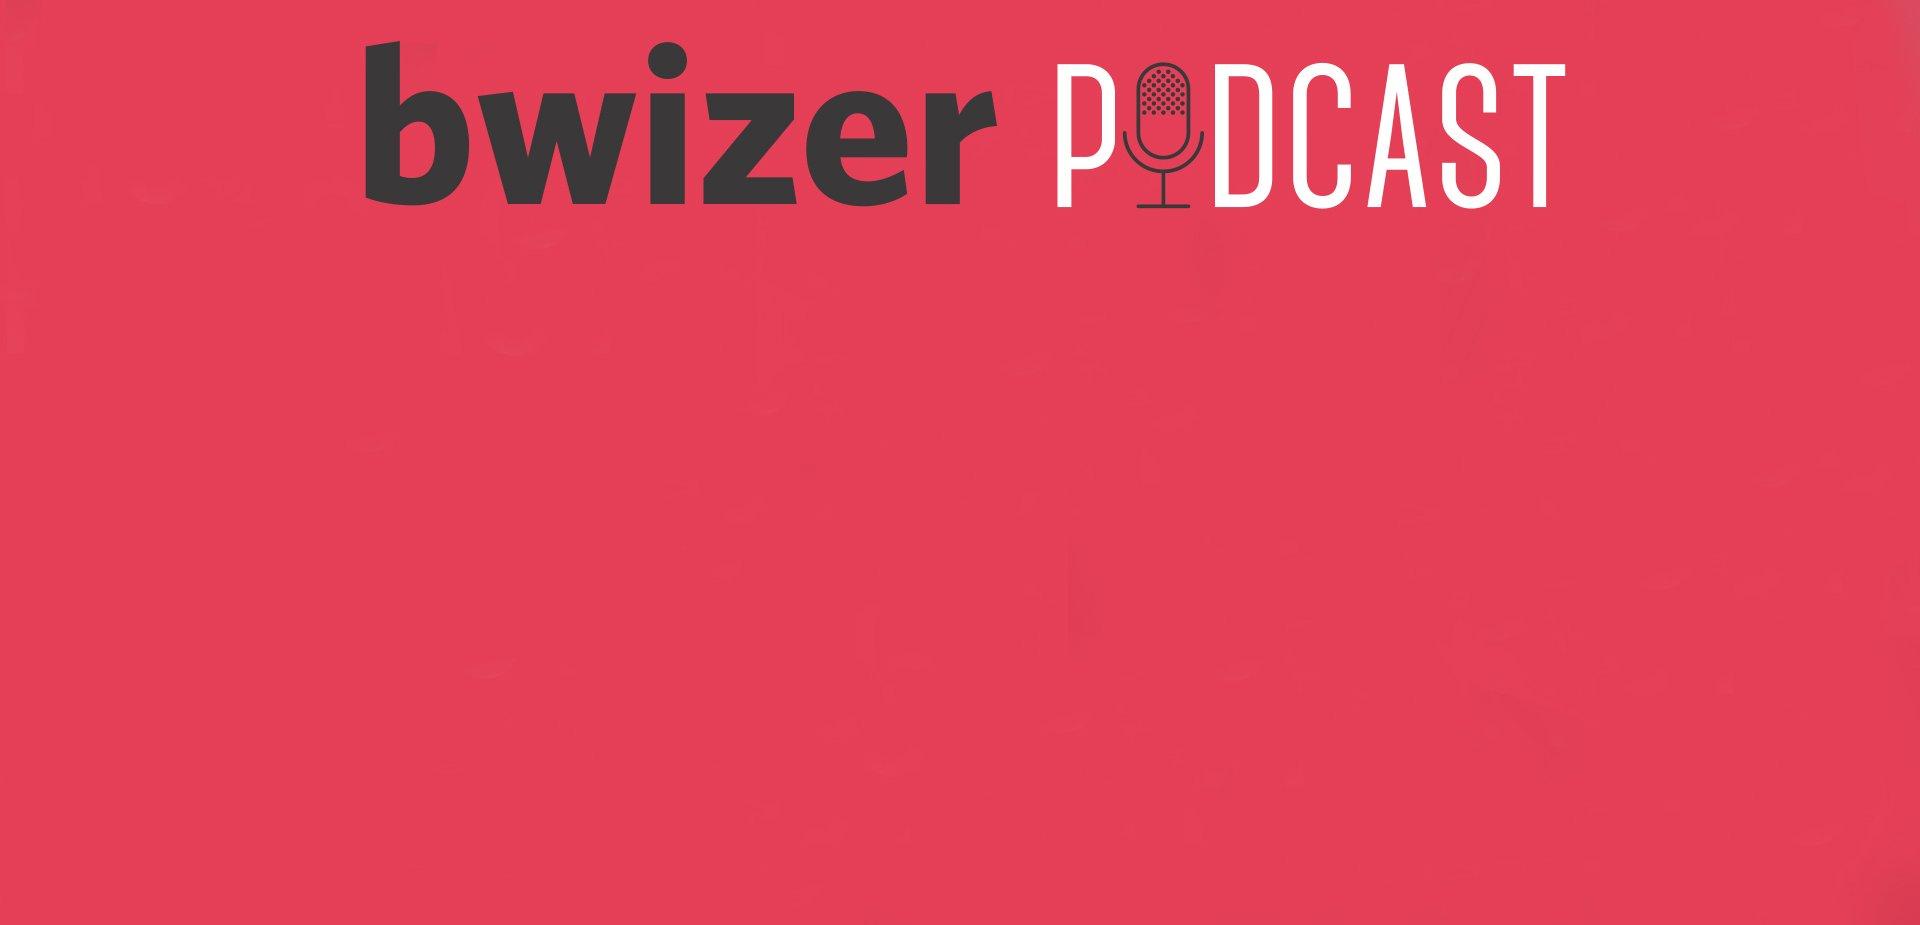 Bwizer Podcast | Episódio 22: Catarina Oliveira